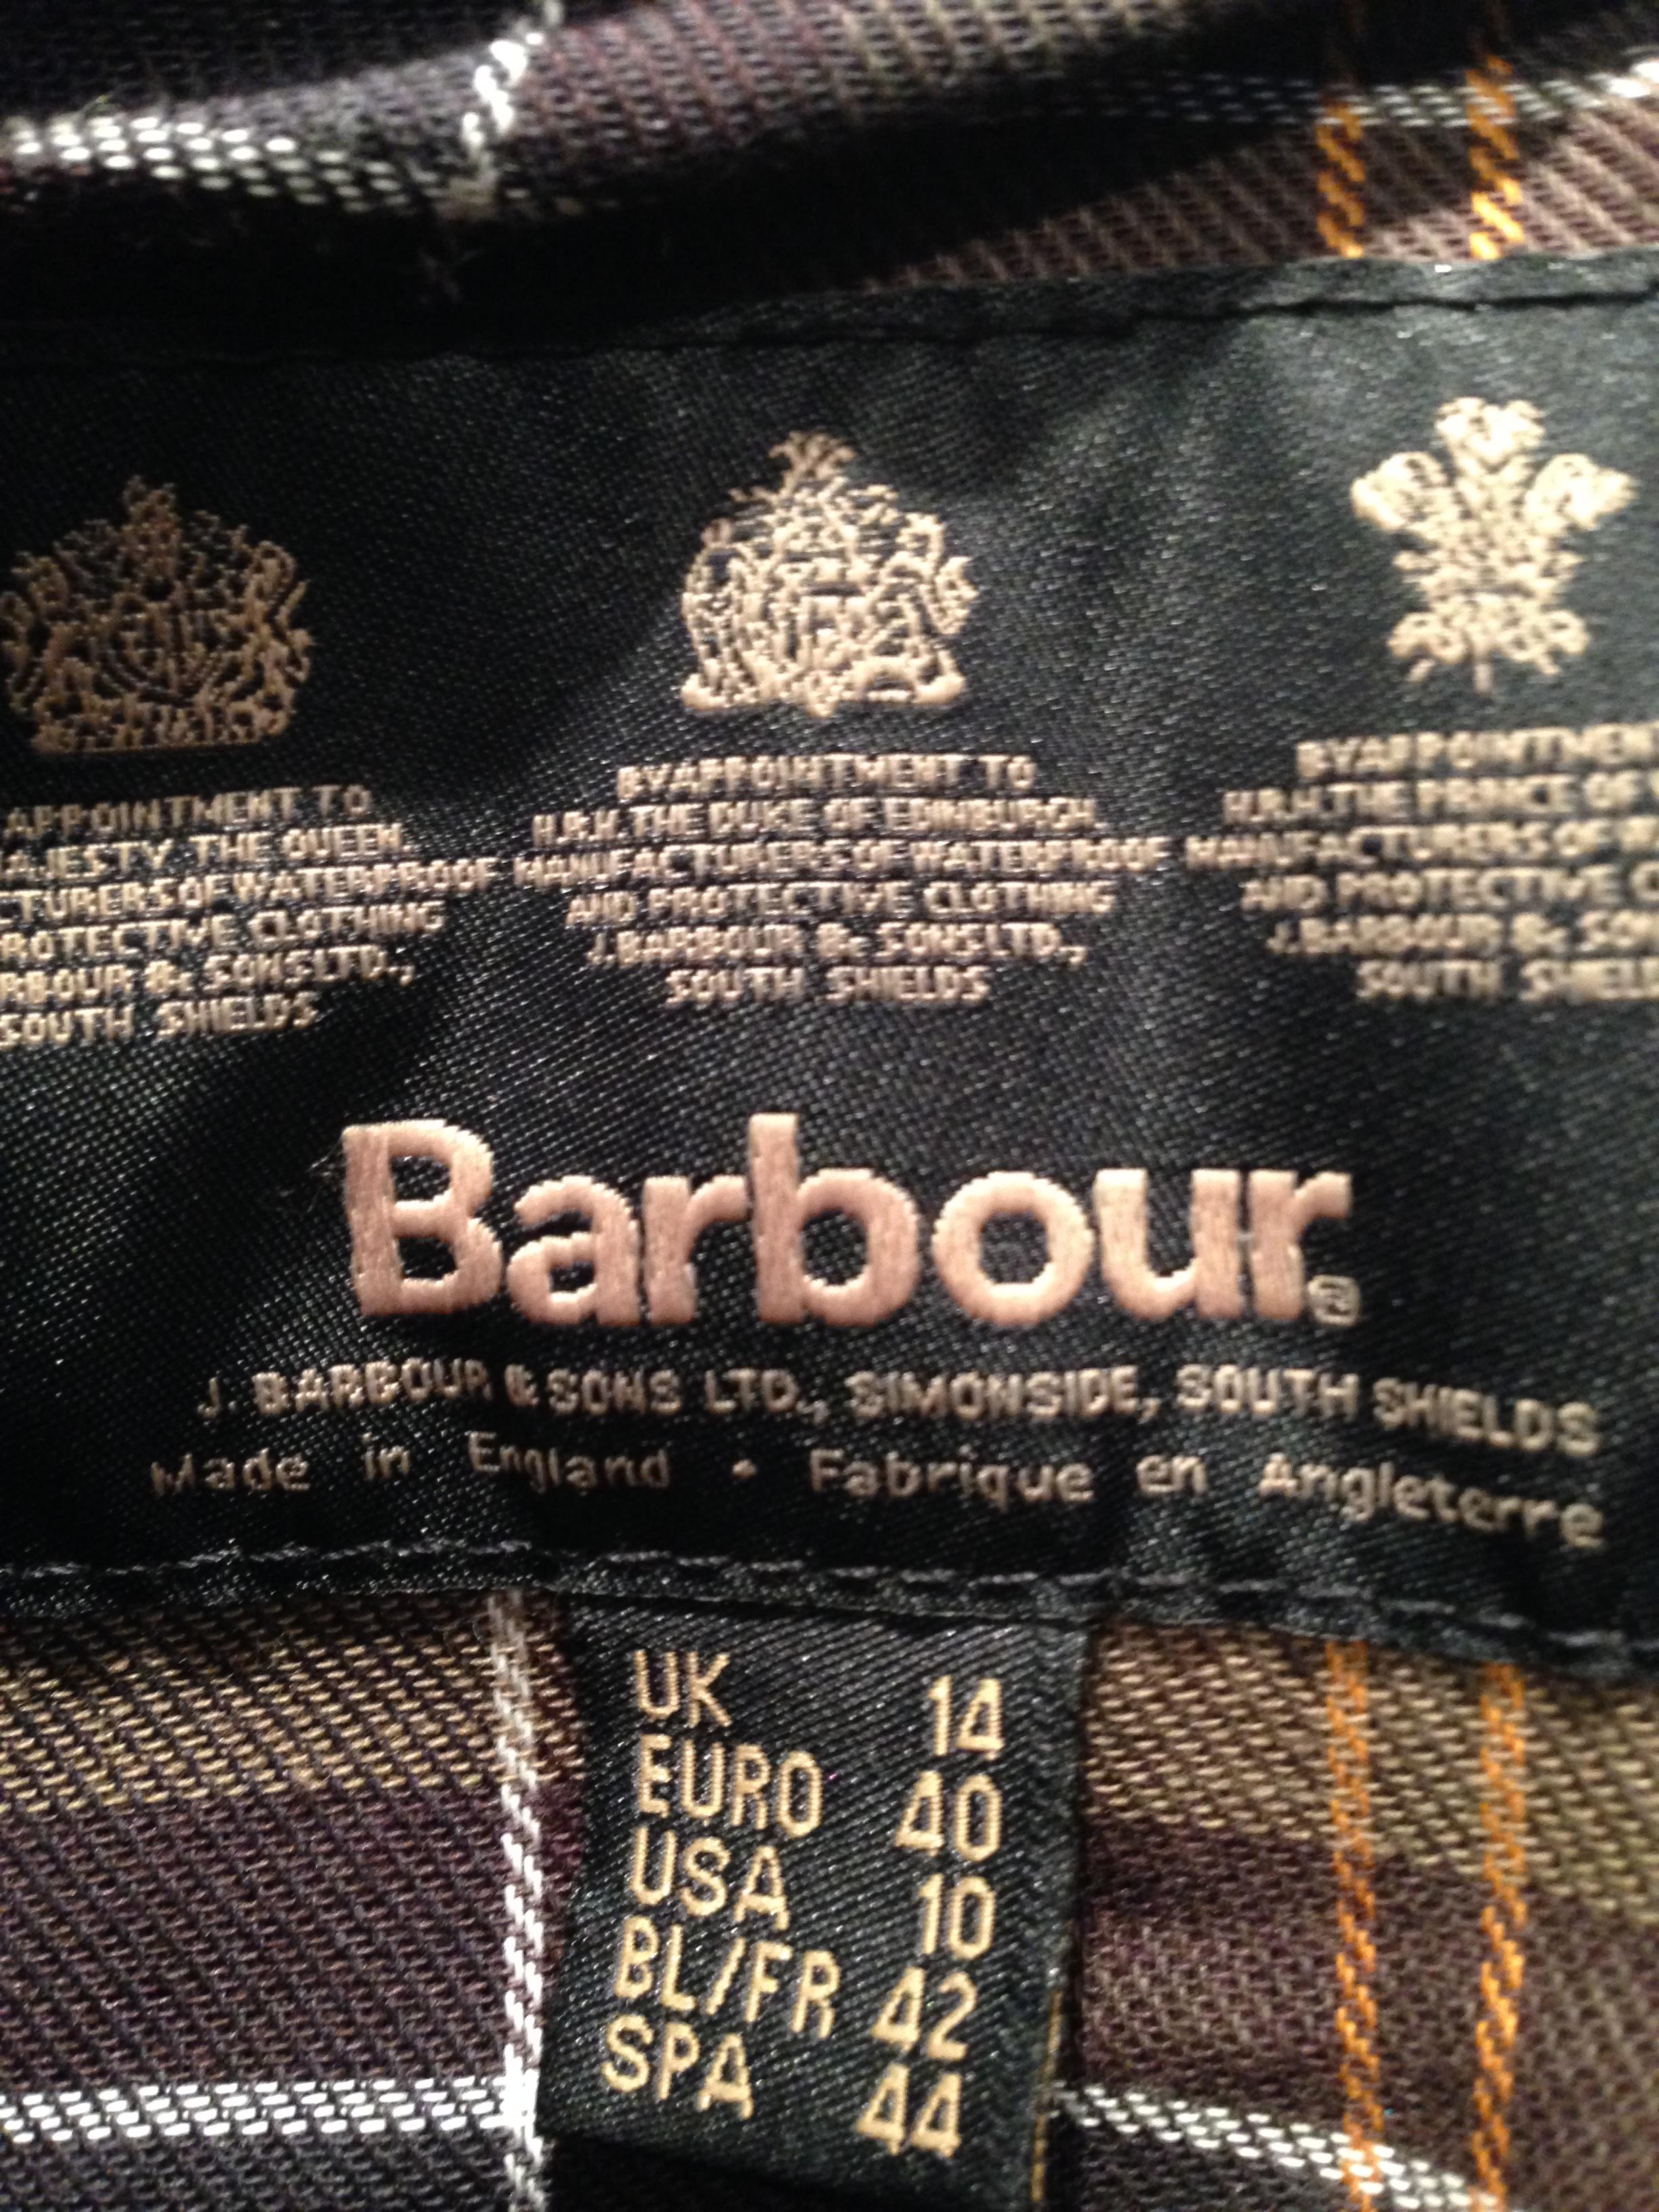 j barbour & sons ltd